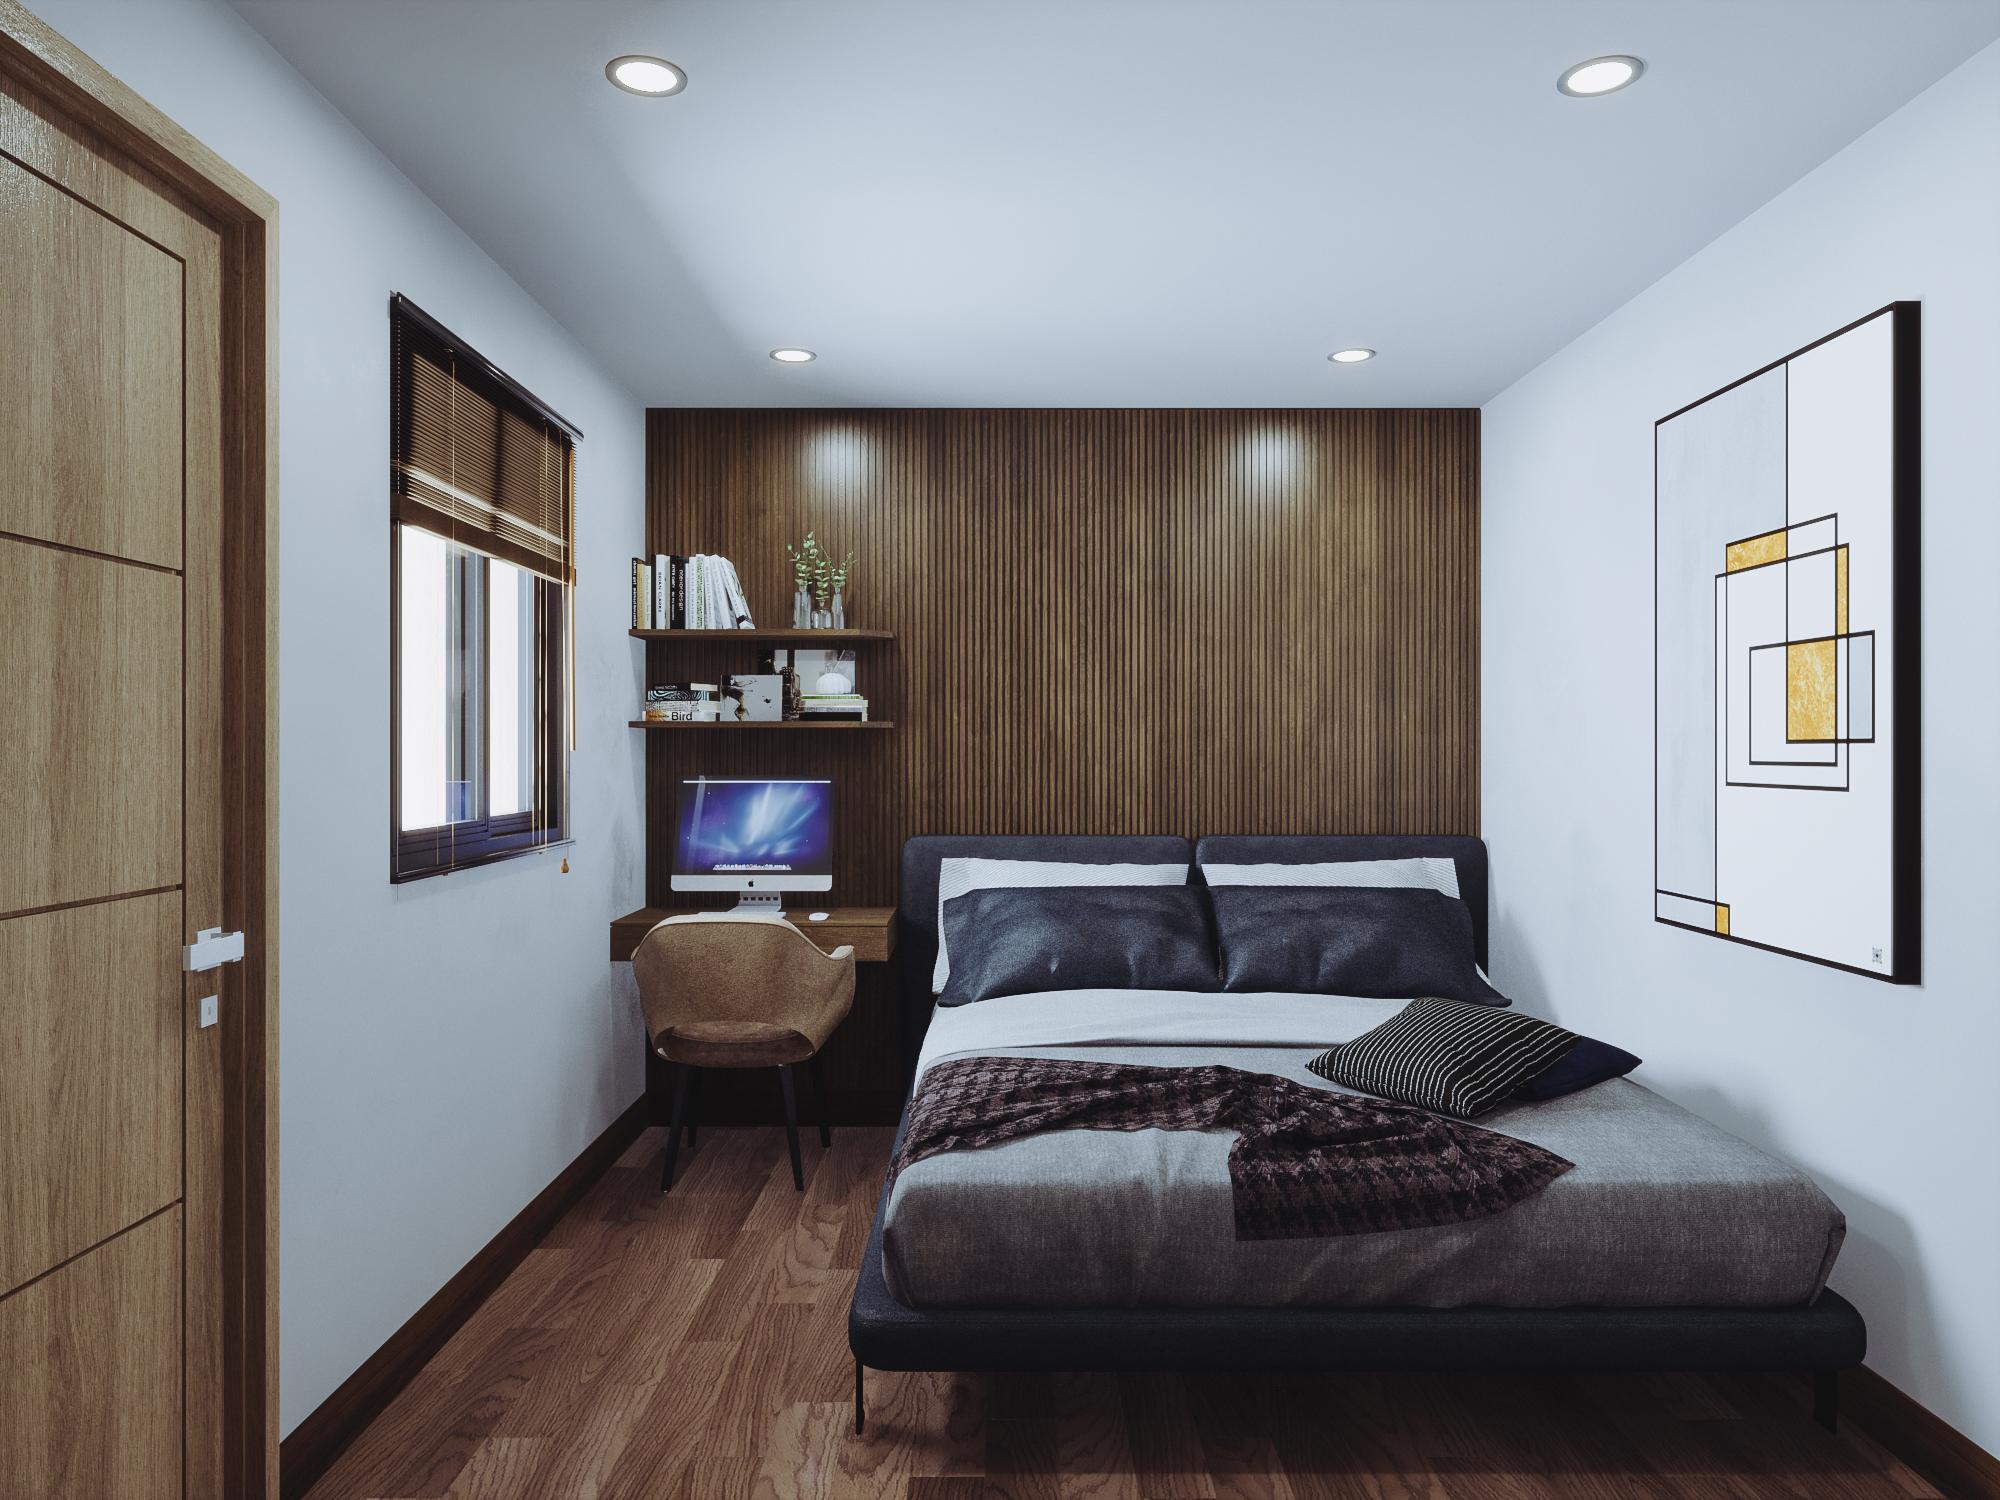 Thiết kế nội thất Nhà Mặt Phố tại Đà Nẵng Nội thất nhà phố 1591588813 8